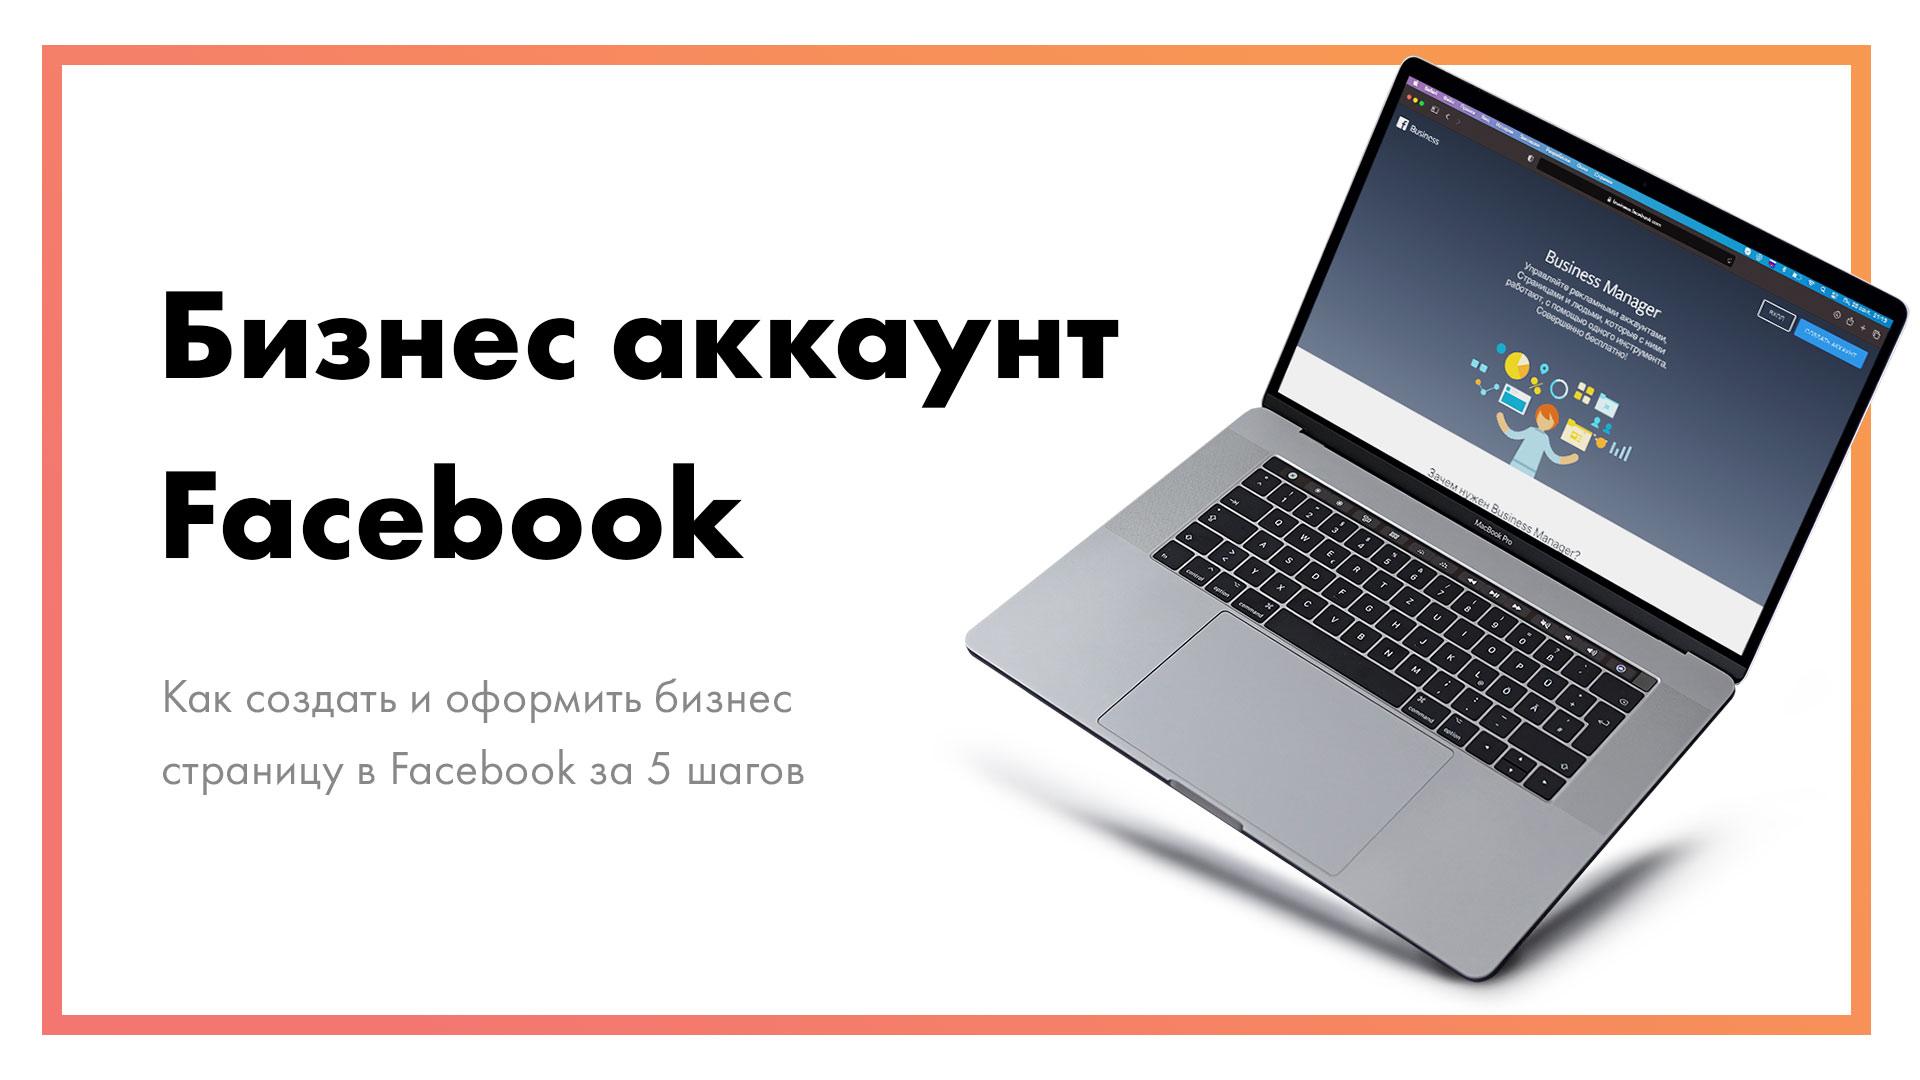 Бизнес-страница-Facebook---как-создать-аккаунт-за-5-простых-шагов.jpg